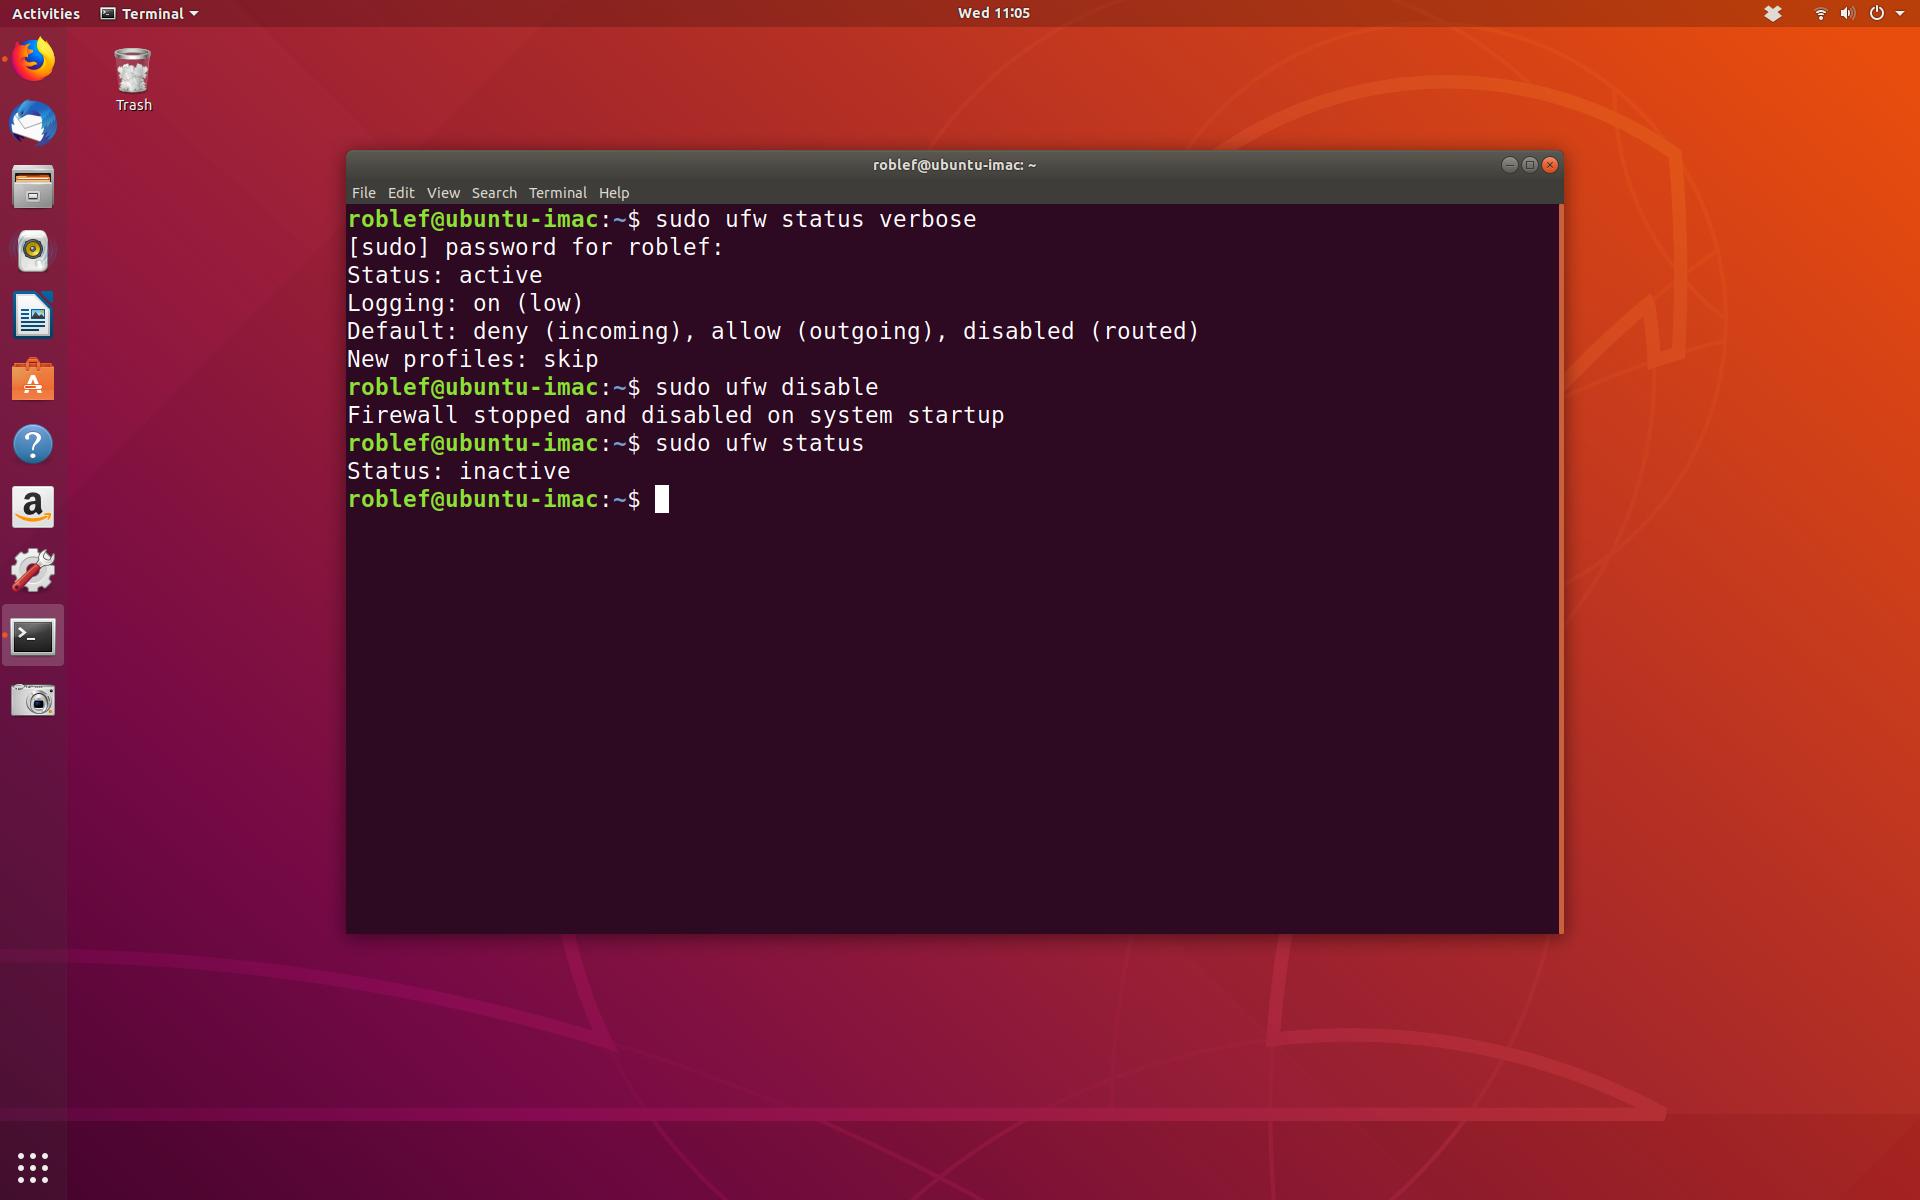 Ubuntu Linux terminal showing status of firewall and disabling it